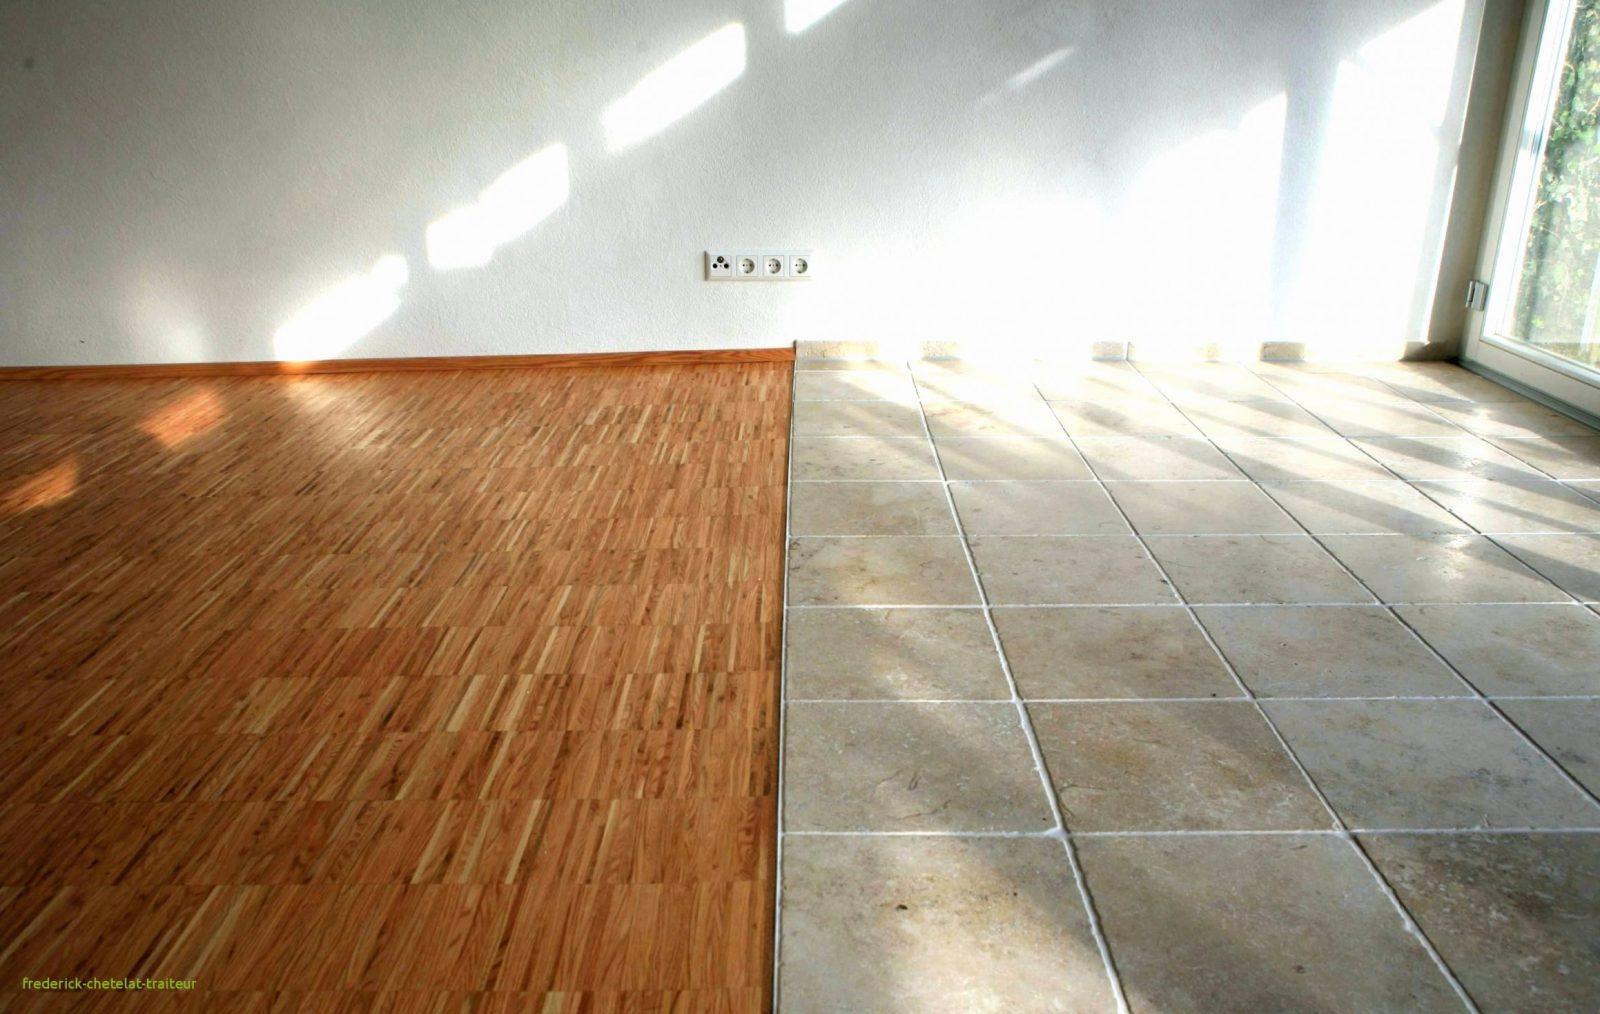 Pvc Fliesen Selbstklebend Poco Luxus Vinyl Fliesen Selbstklebend Obi von Vinyl Fliesen Selbstklebend Verlegen Photo